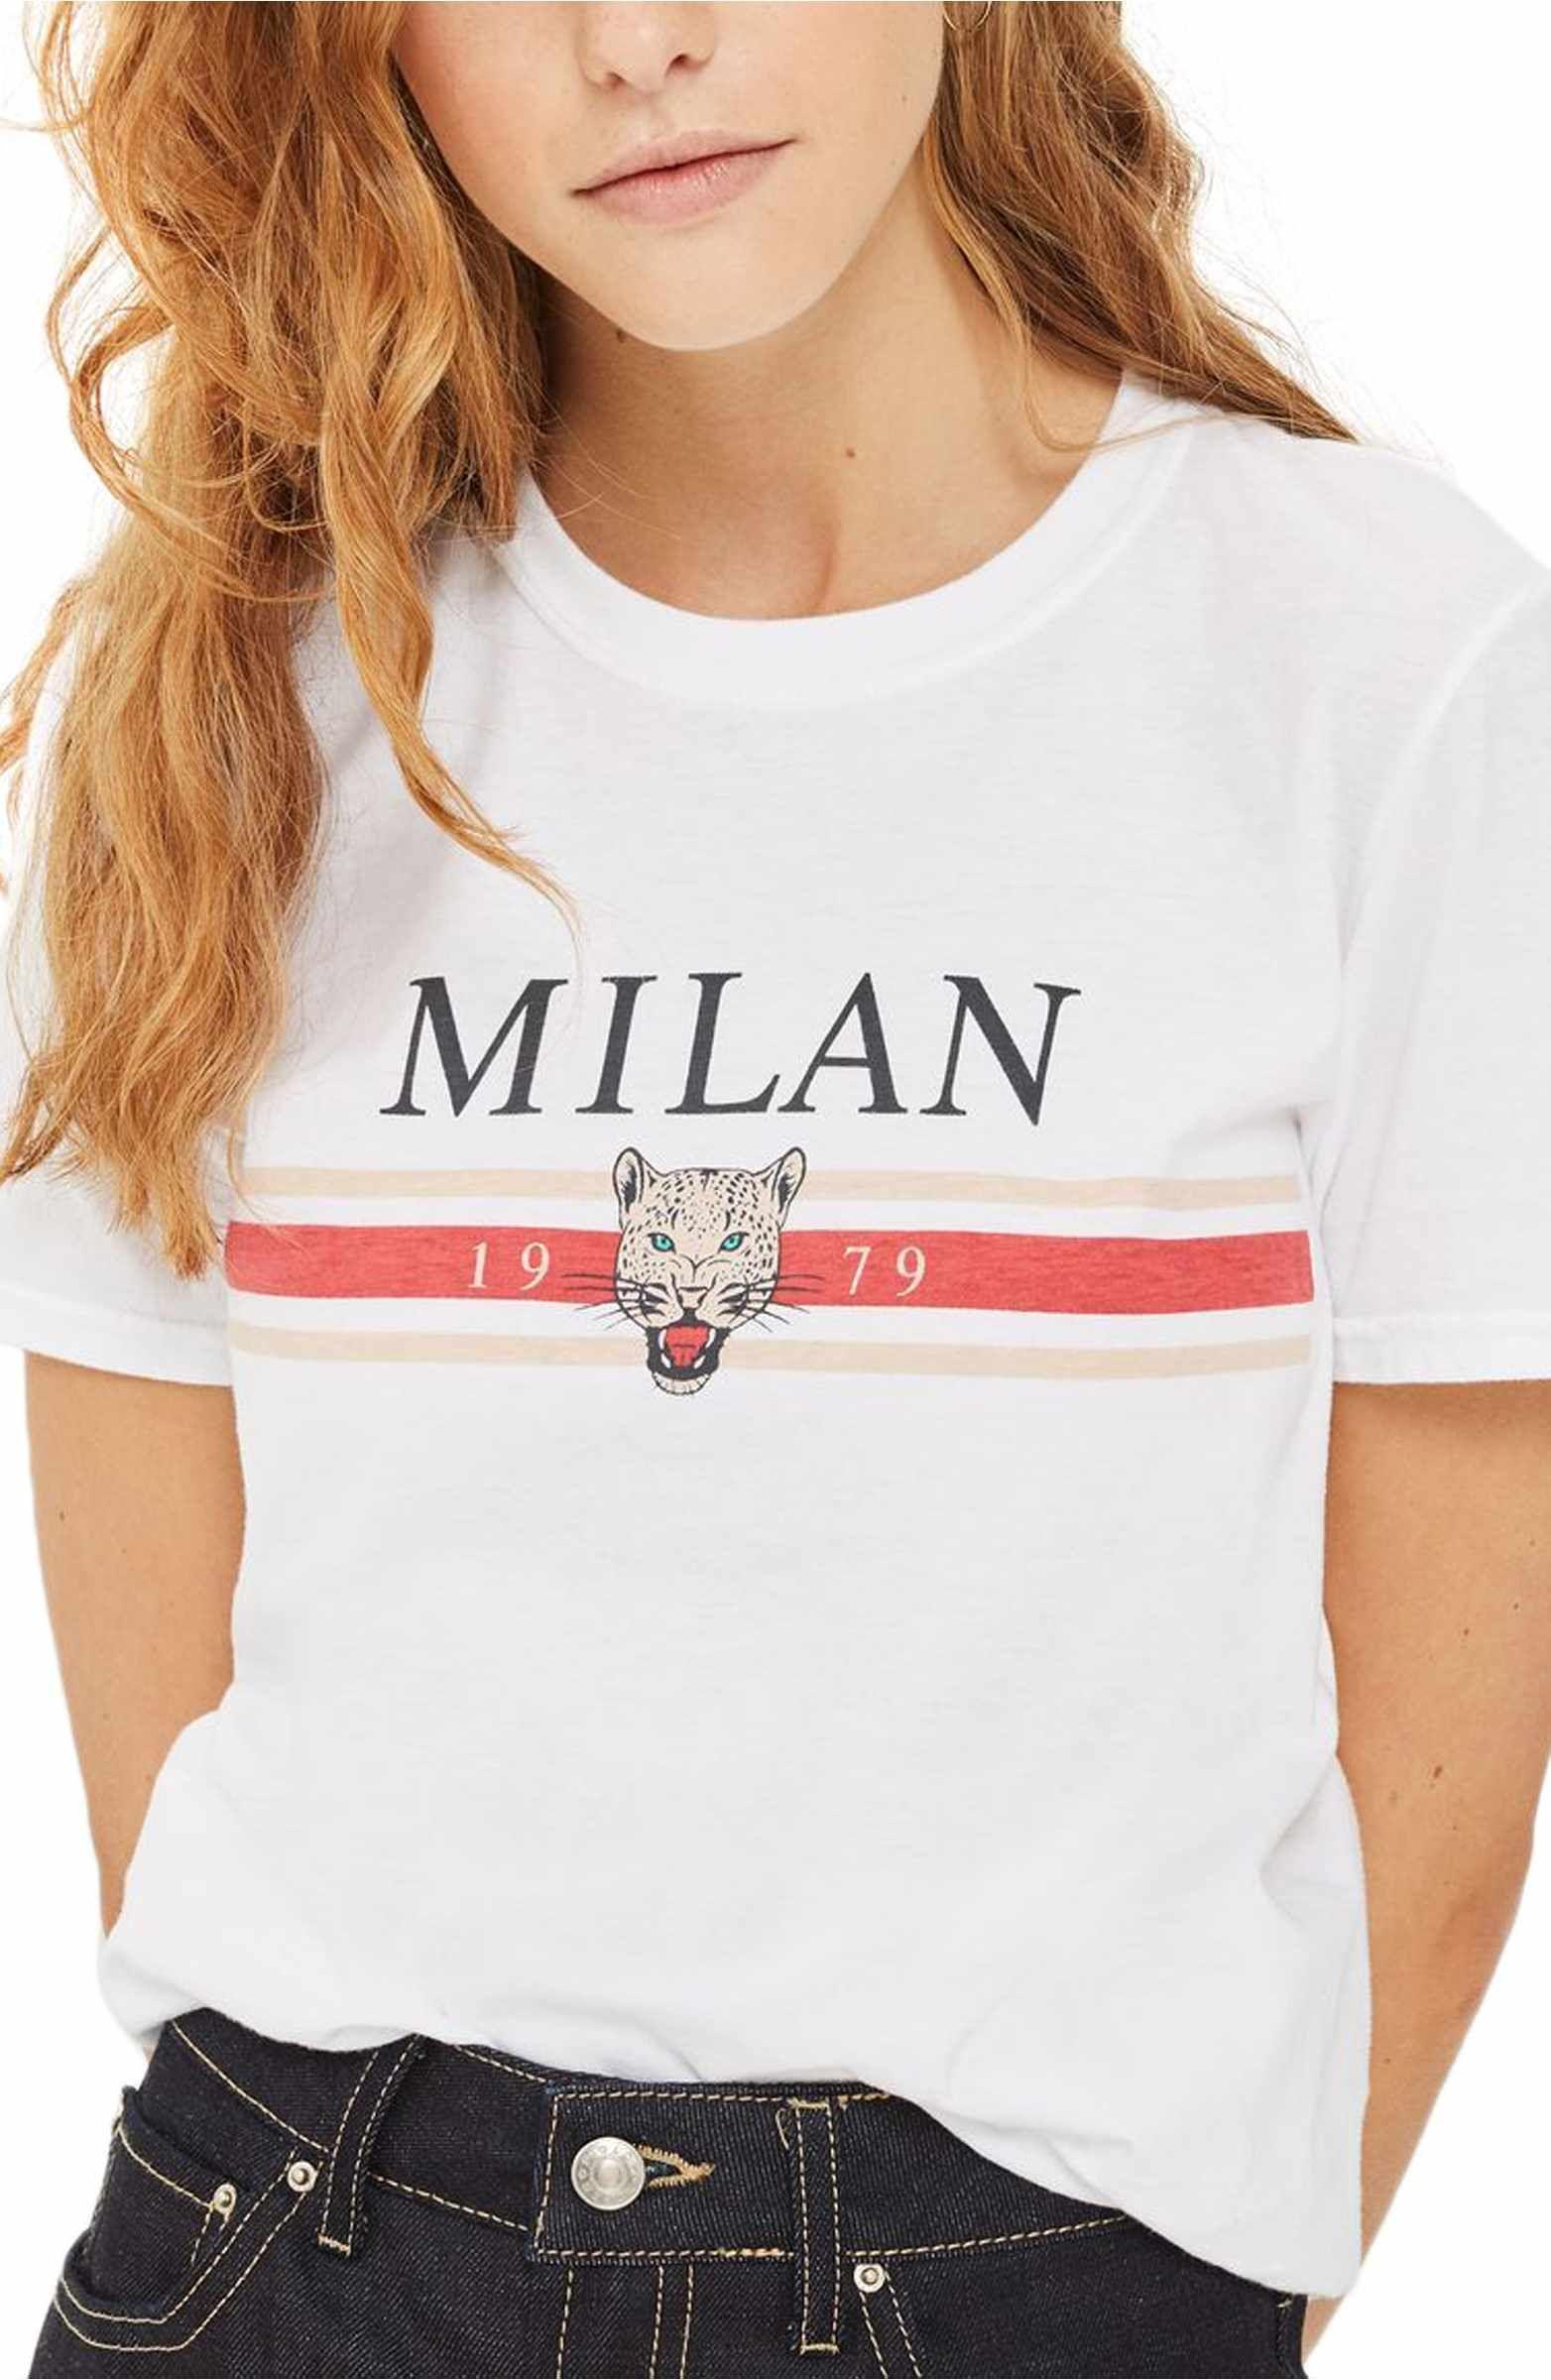 1acb140d0 Main Image - Topshop Milan Graphic Tee (Petite) | Mooshko Fashion ...